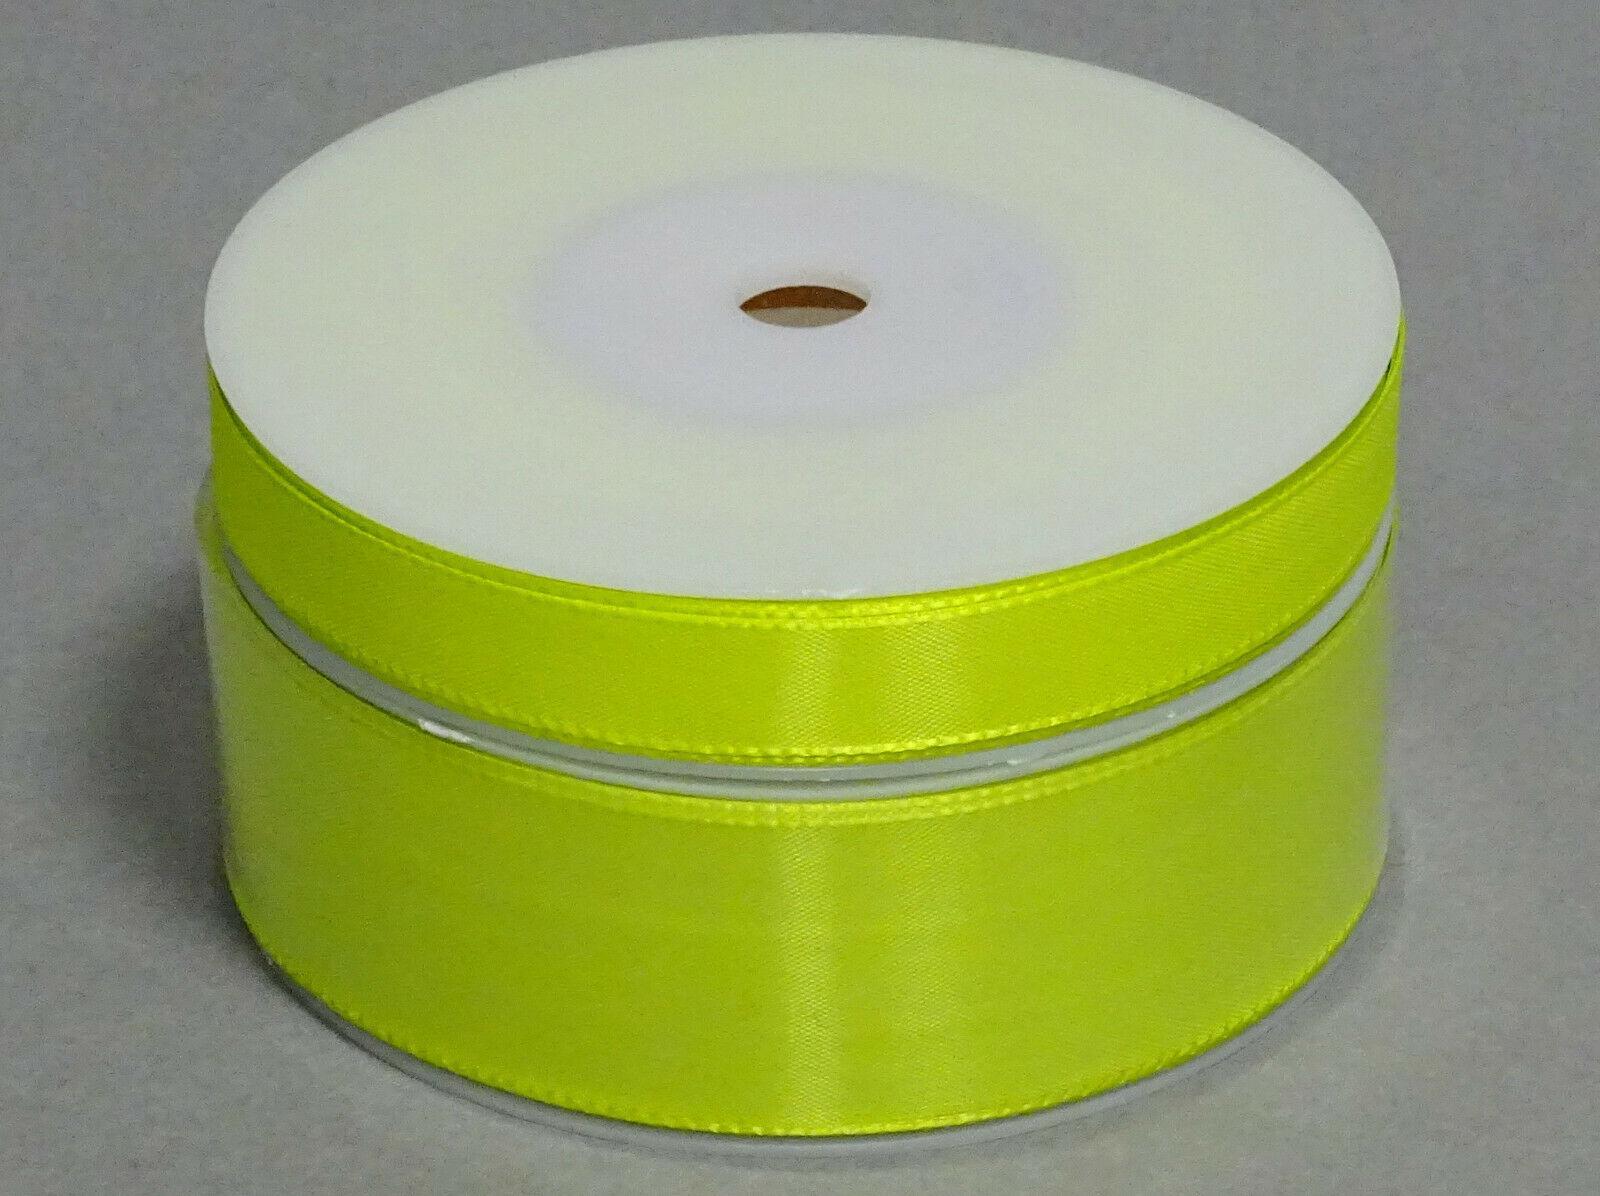 Seidenband Schleifenband 50 m x 15 mm / 40 mm Dekoband ab 0,08 €/m Geschenkband  - Lime-Grün 683, 15 mm x 50 m